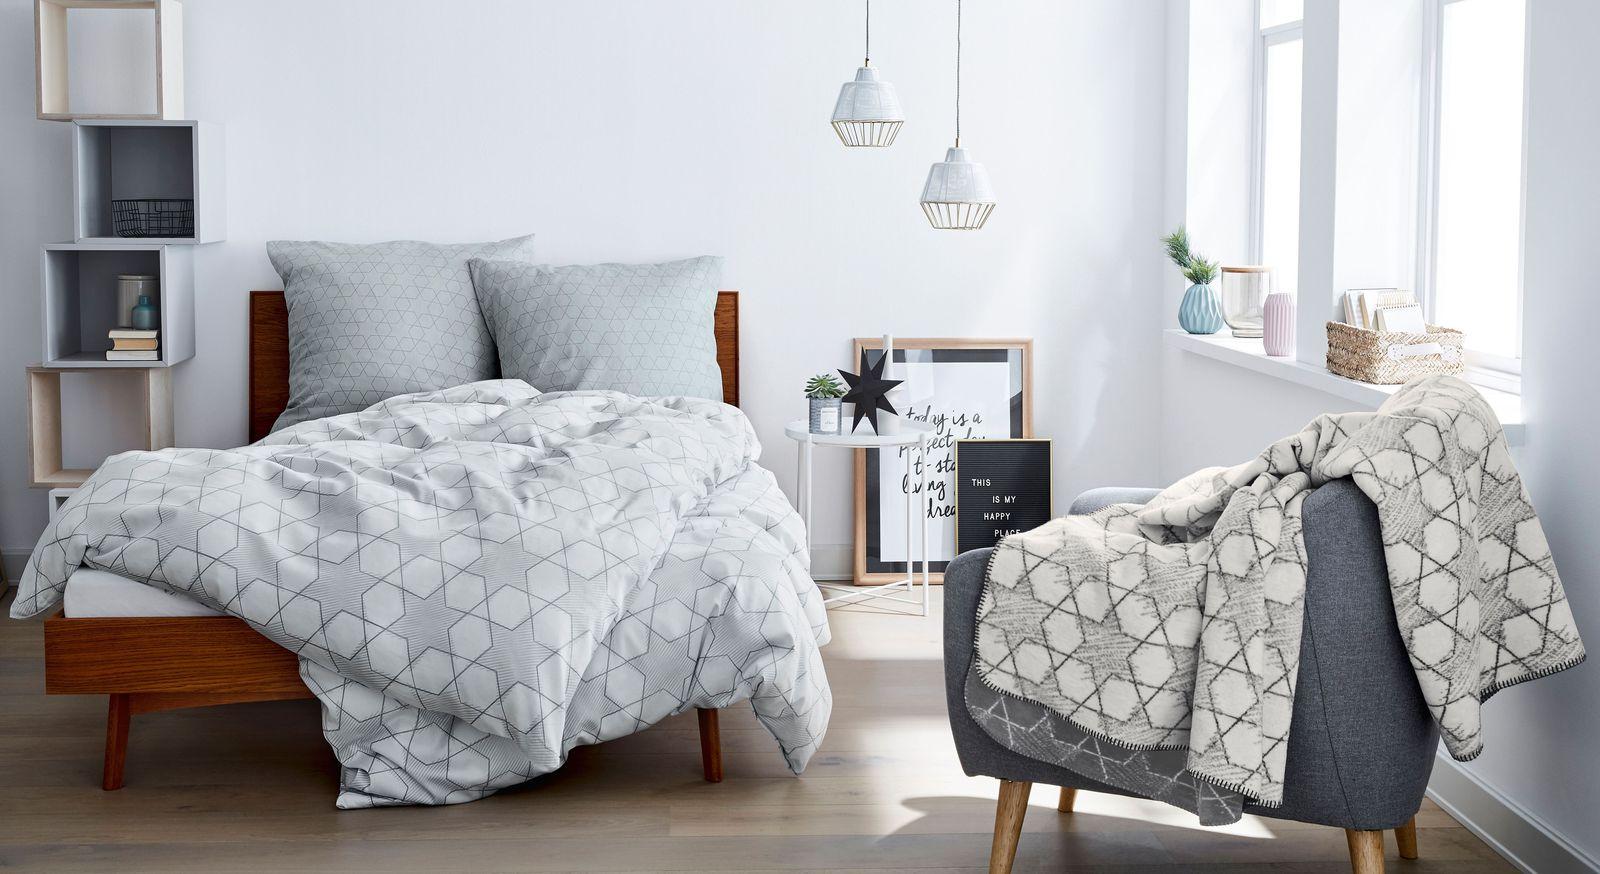 Mako-Satin-Bettwäsche s.Oliver Muster grau-weiß mit passender Kuscheldecke